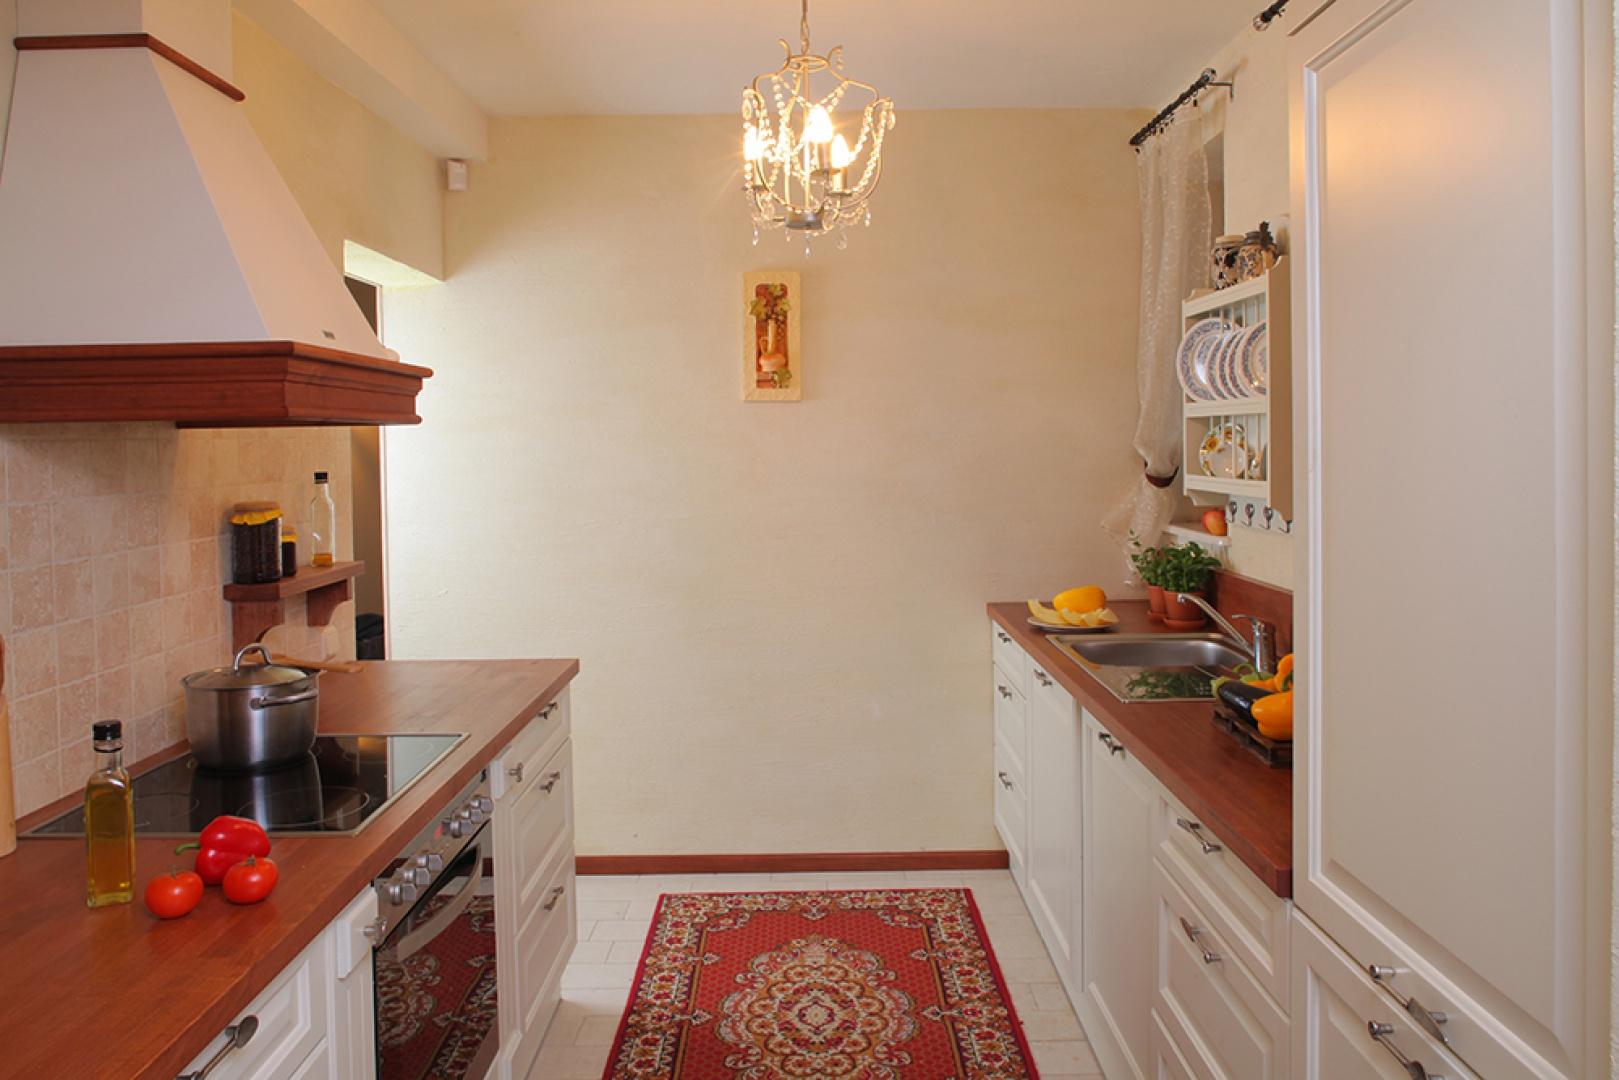 Zabudowa kuchenna została rozmieszczona przy dwóch przeciwległych ścianach. W eleganckim wnętrzu sprzęty AGD ukryto za meblowymi frontami, tak jak w pełni zintegrowaną zmywarkę (Bosch) i chłodziarko-zamrażarkę (Electrolux). Fot. Tomasz Markowski.